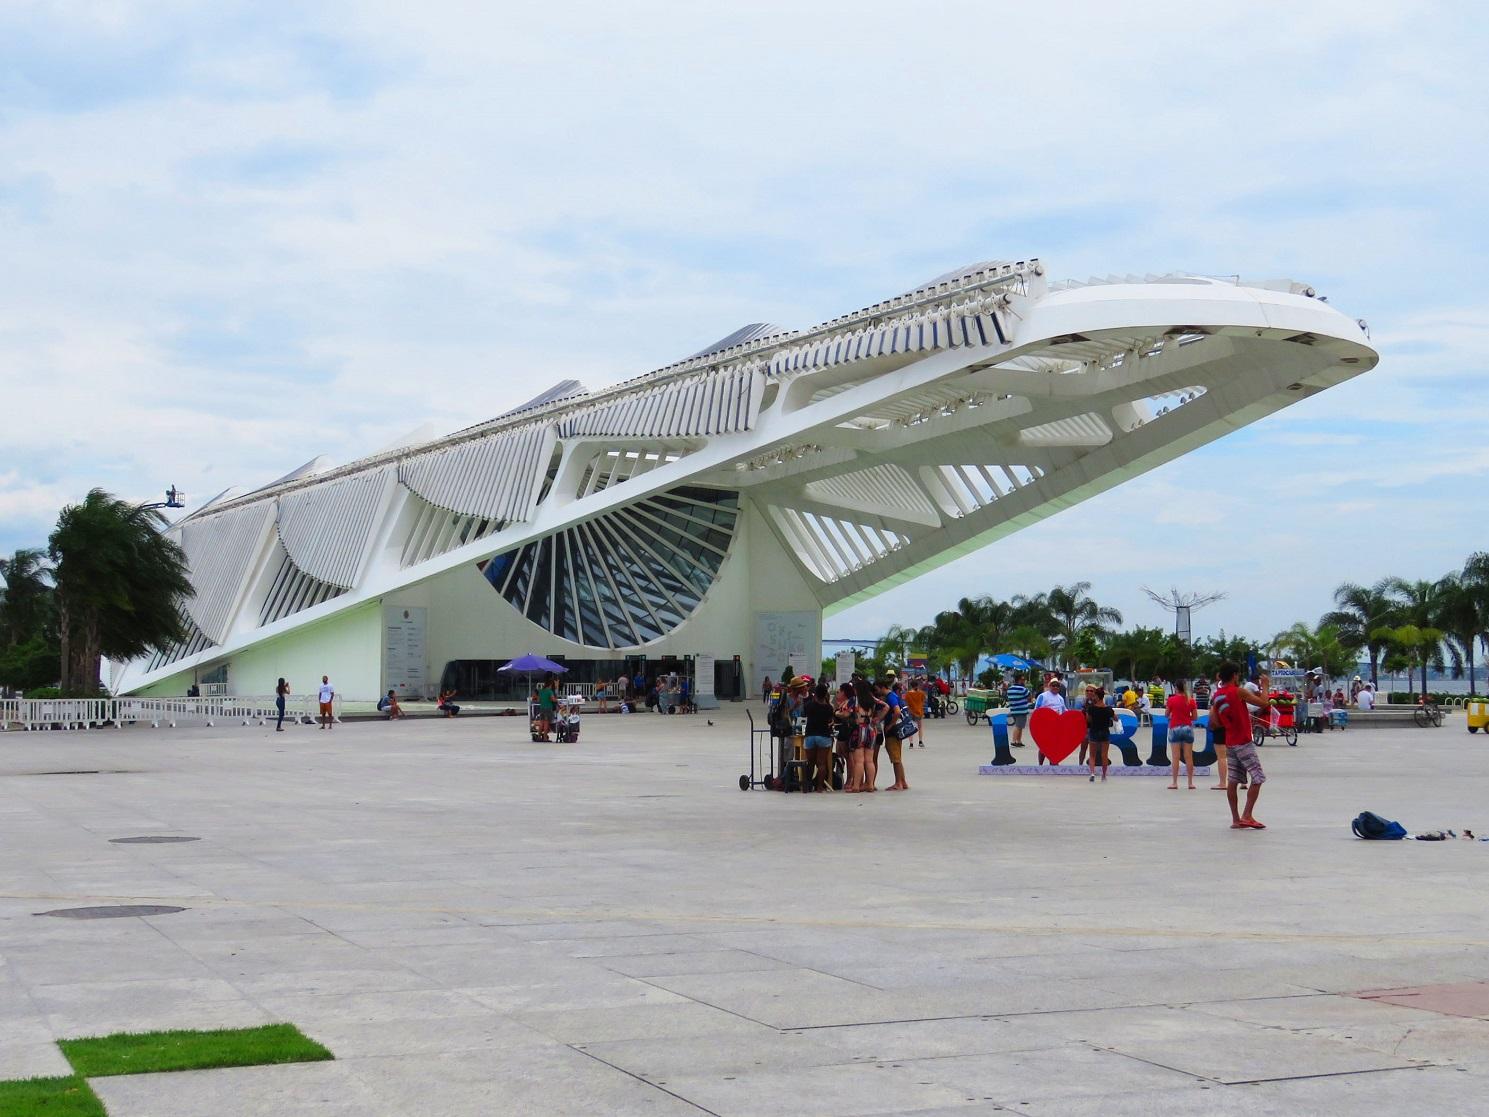 Com apenas três anos de existência, o Museu do Amanhã, no Centro, é um dos que mais arrecada na cidade. Seu orçamento gira em torno de R$ 30 milhões. Foto Júlia Rabello